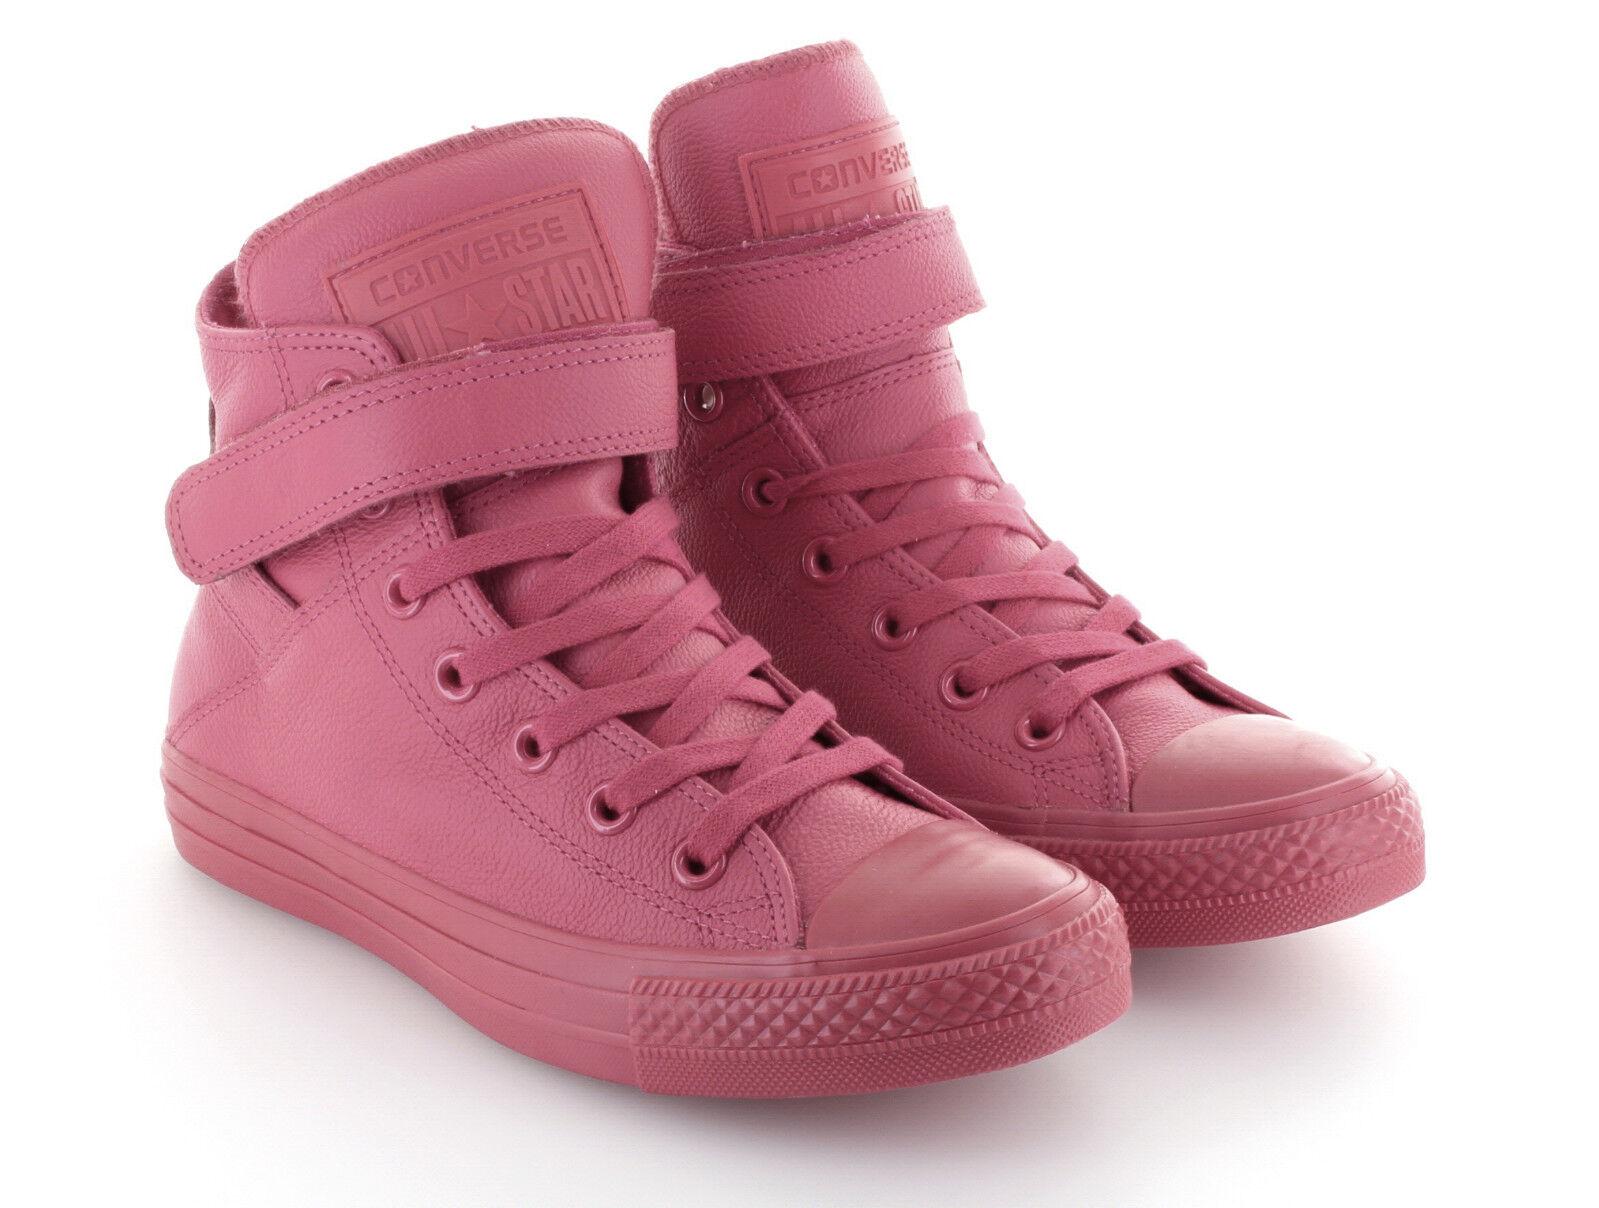 Zapatos promocionales para hombres y mujeres Converse CT AS Limited Edition Hi Brea Mono Leather Brake Light Gr. 37,5 / 38,5